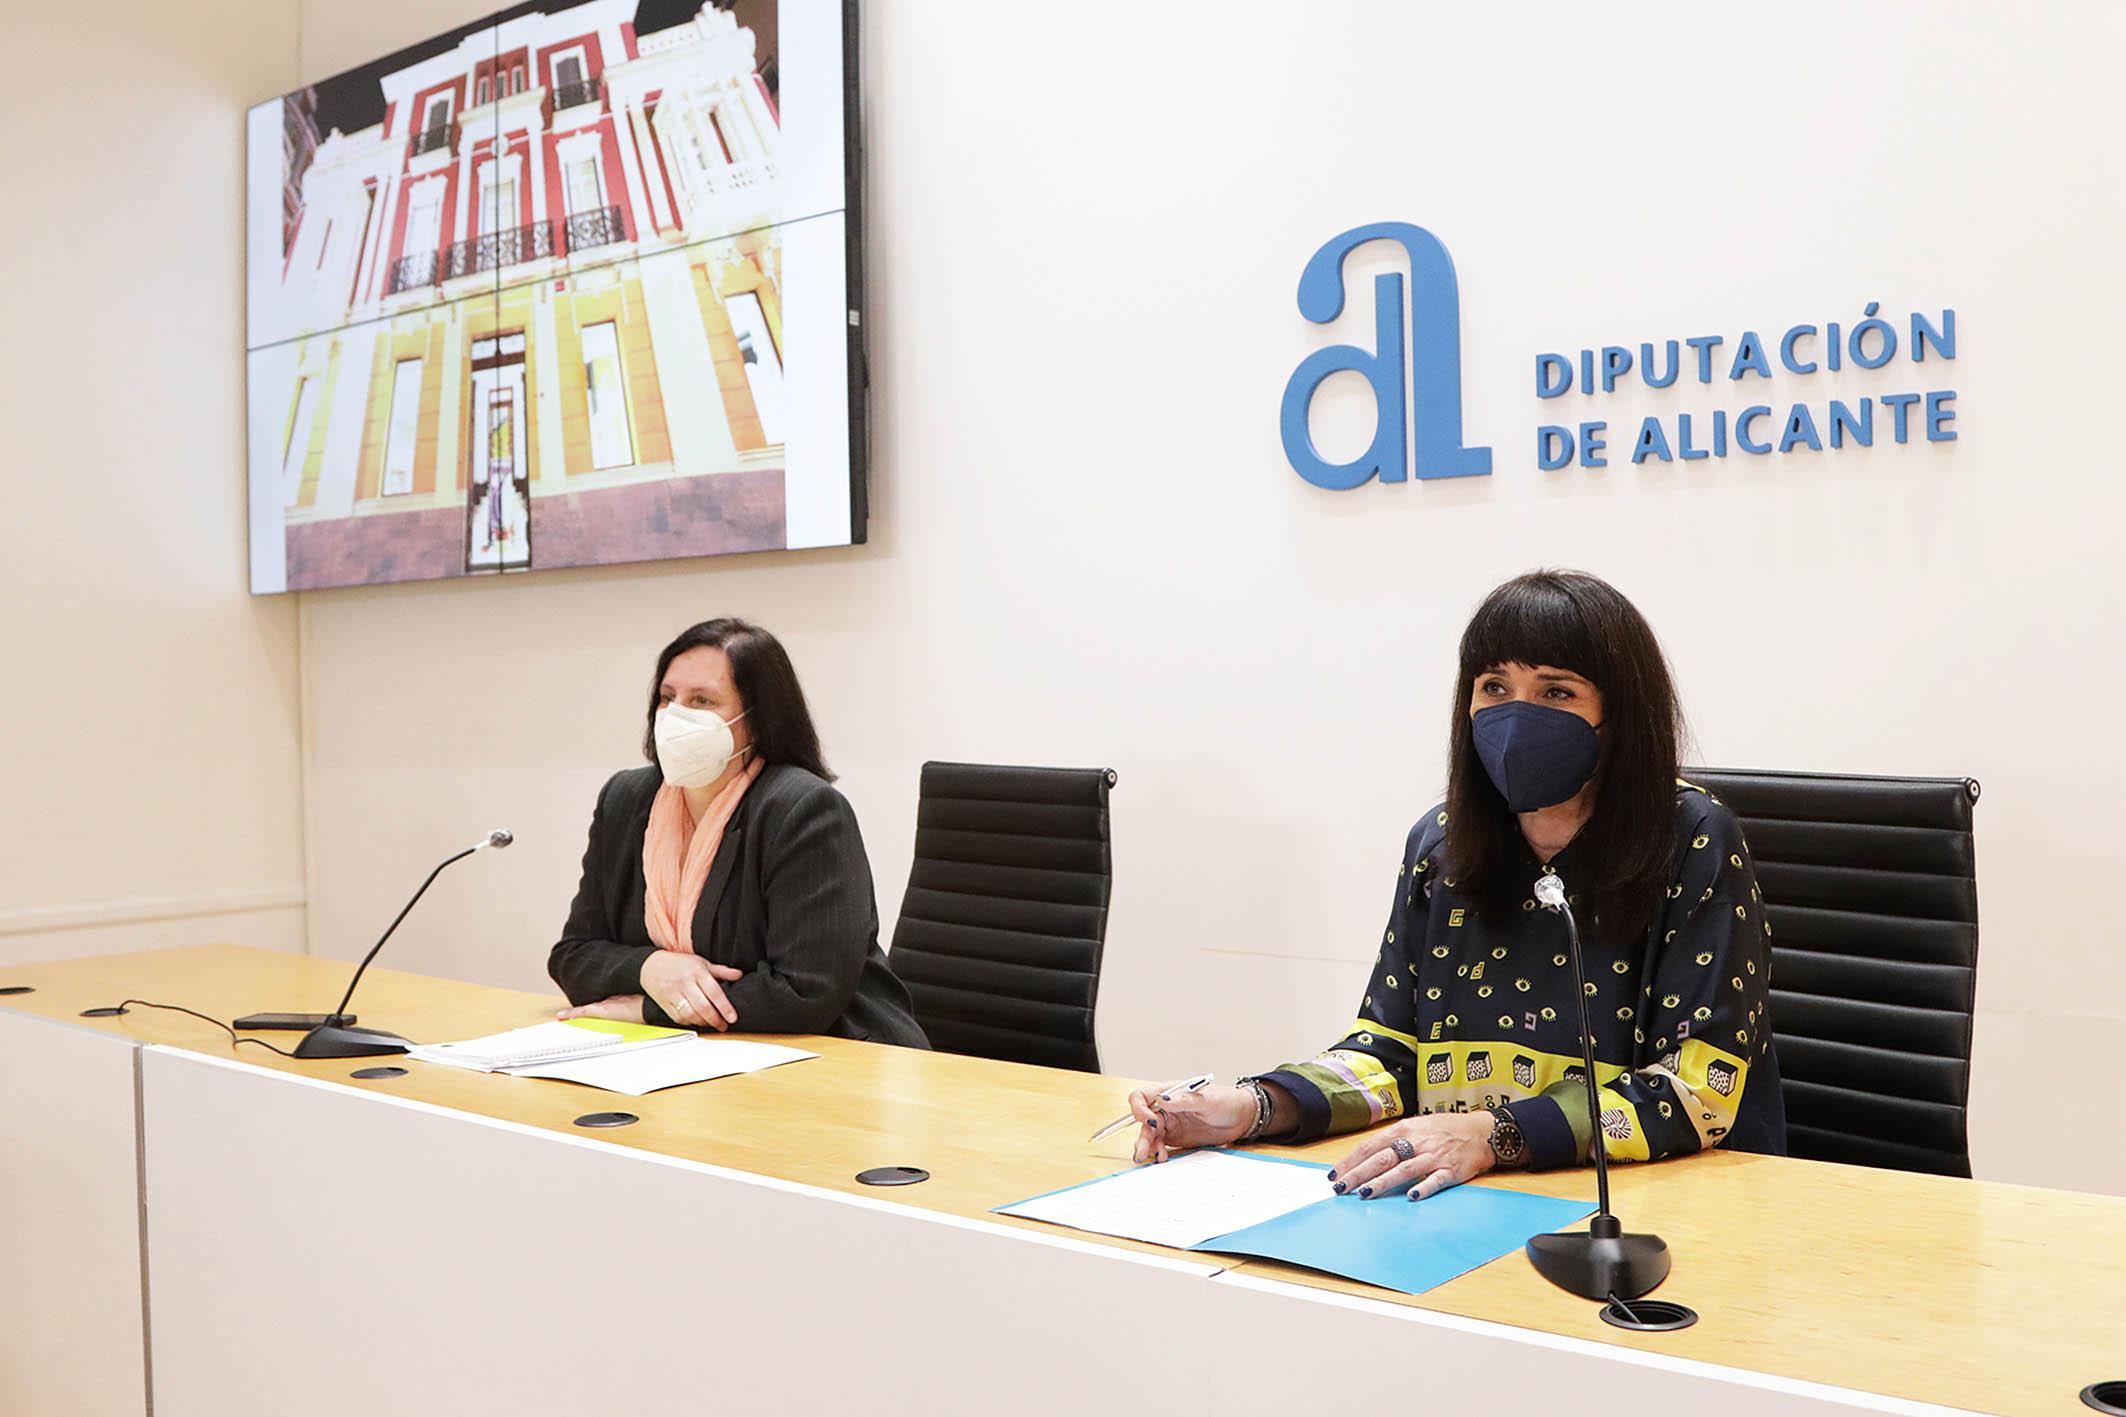 Pilar Tébar comienza su etapa como directora del Instituto Juan Gil-Albert con el reto de trabajar por la profesionalización de la cultura